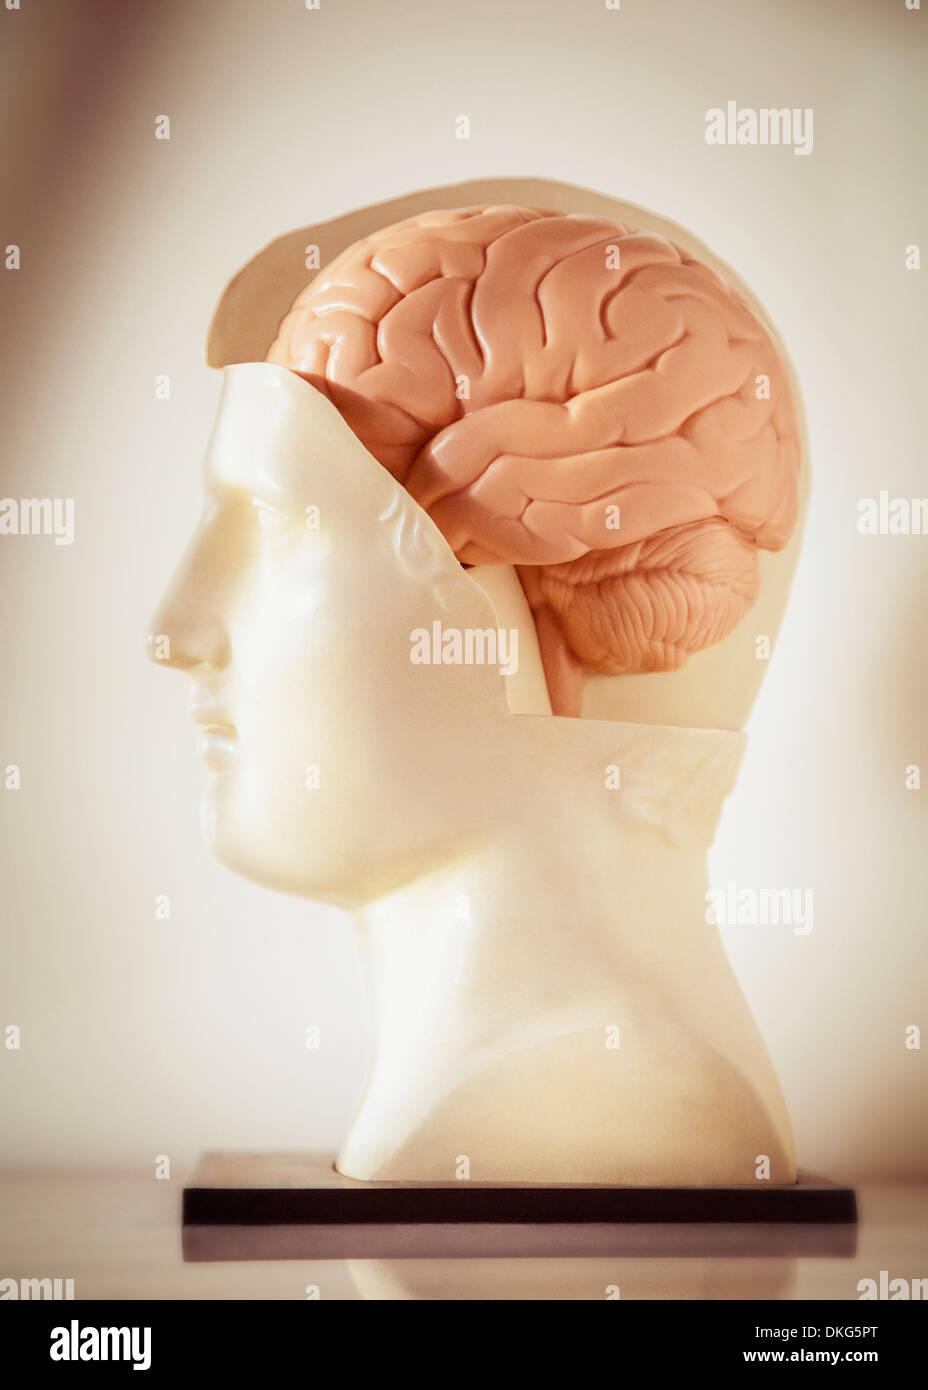 Une vue de profil d'un modèle anatomique d'un cerveau humain dans un style Grec ou romain statue buste Photo Stock